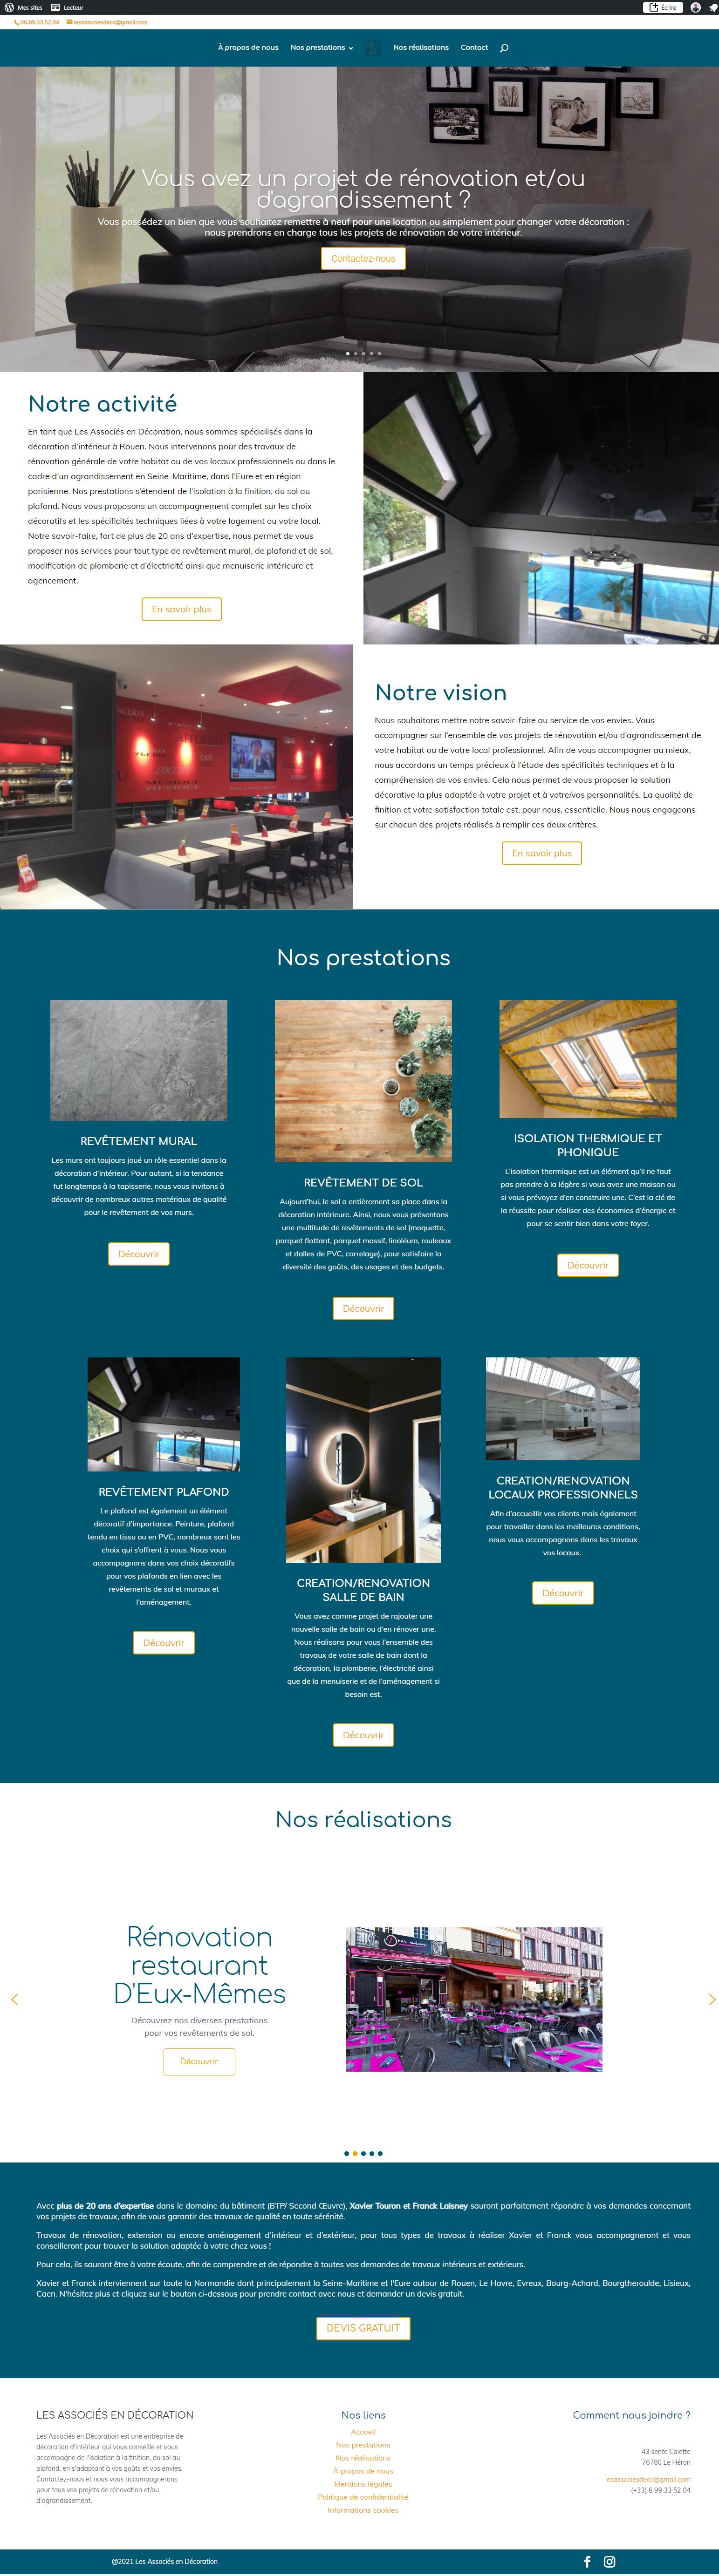 lesassociesdeco.fr - Les Associés en Décoration. Créé par l'agence de marketing et communication Digibirds.